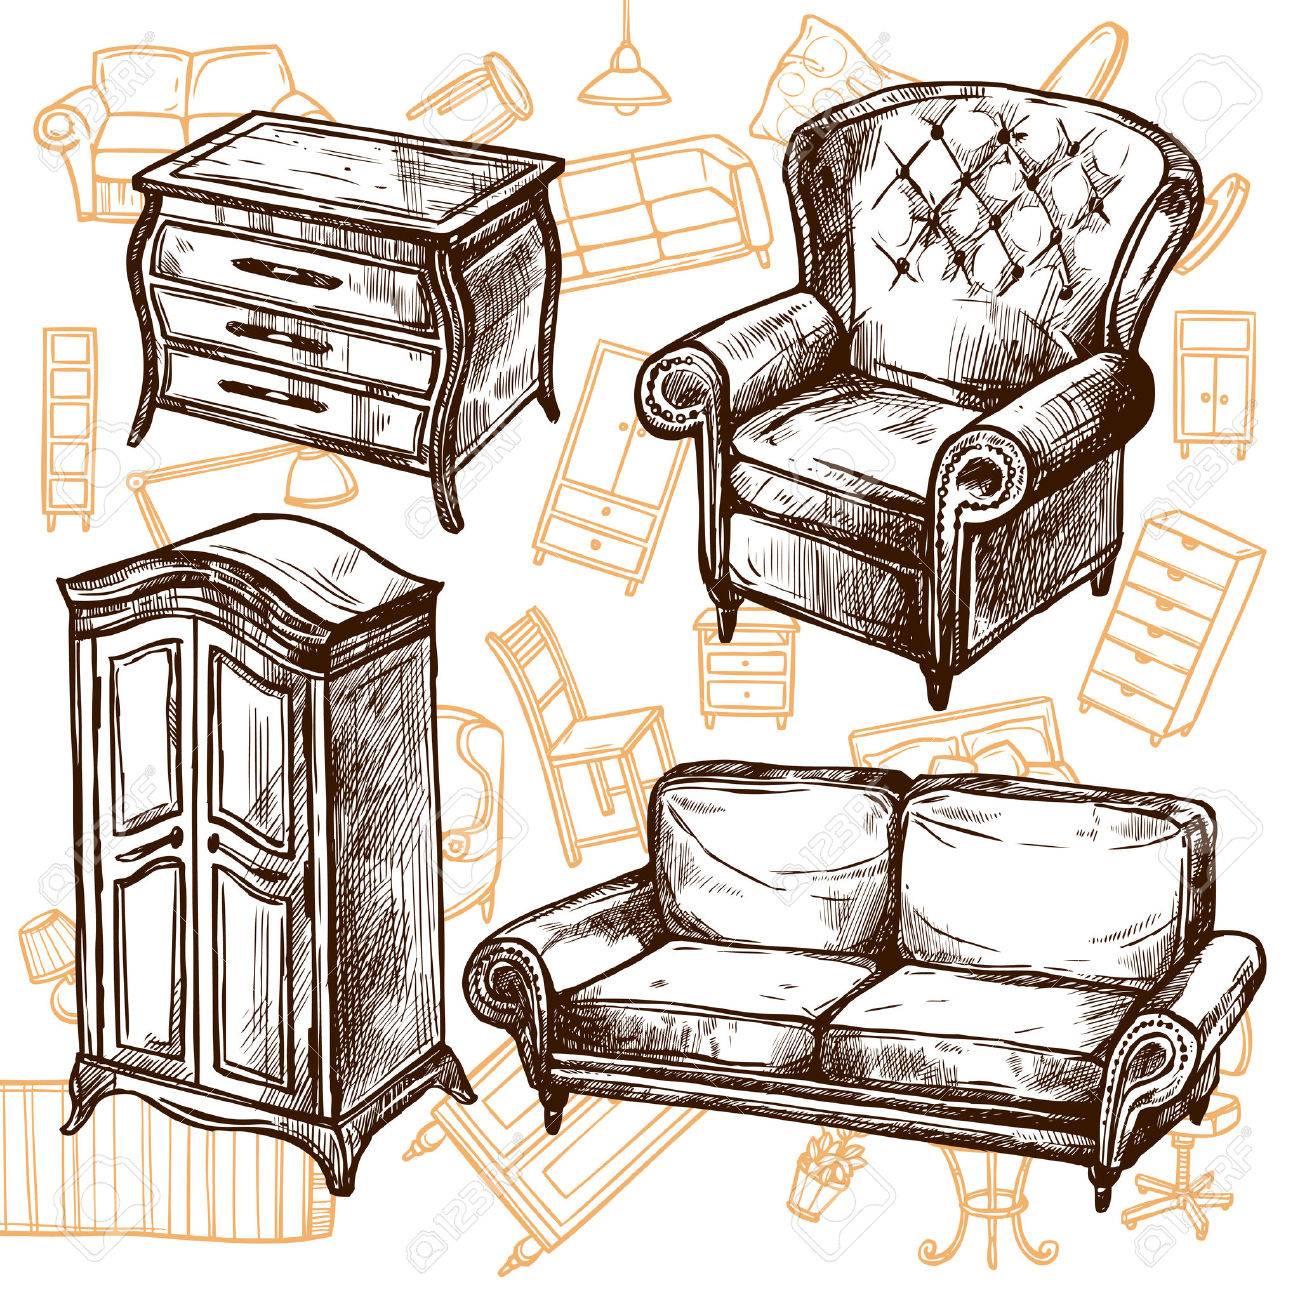 Schrank gezeichnet  Vintage-Möbel Stuhl Sofa Schrank Und Kommode Doodle Sketch Hand ...